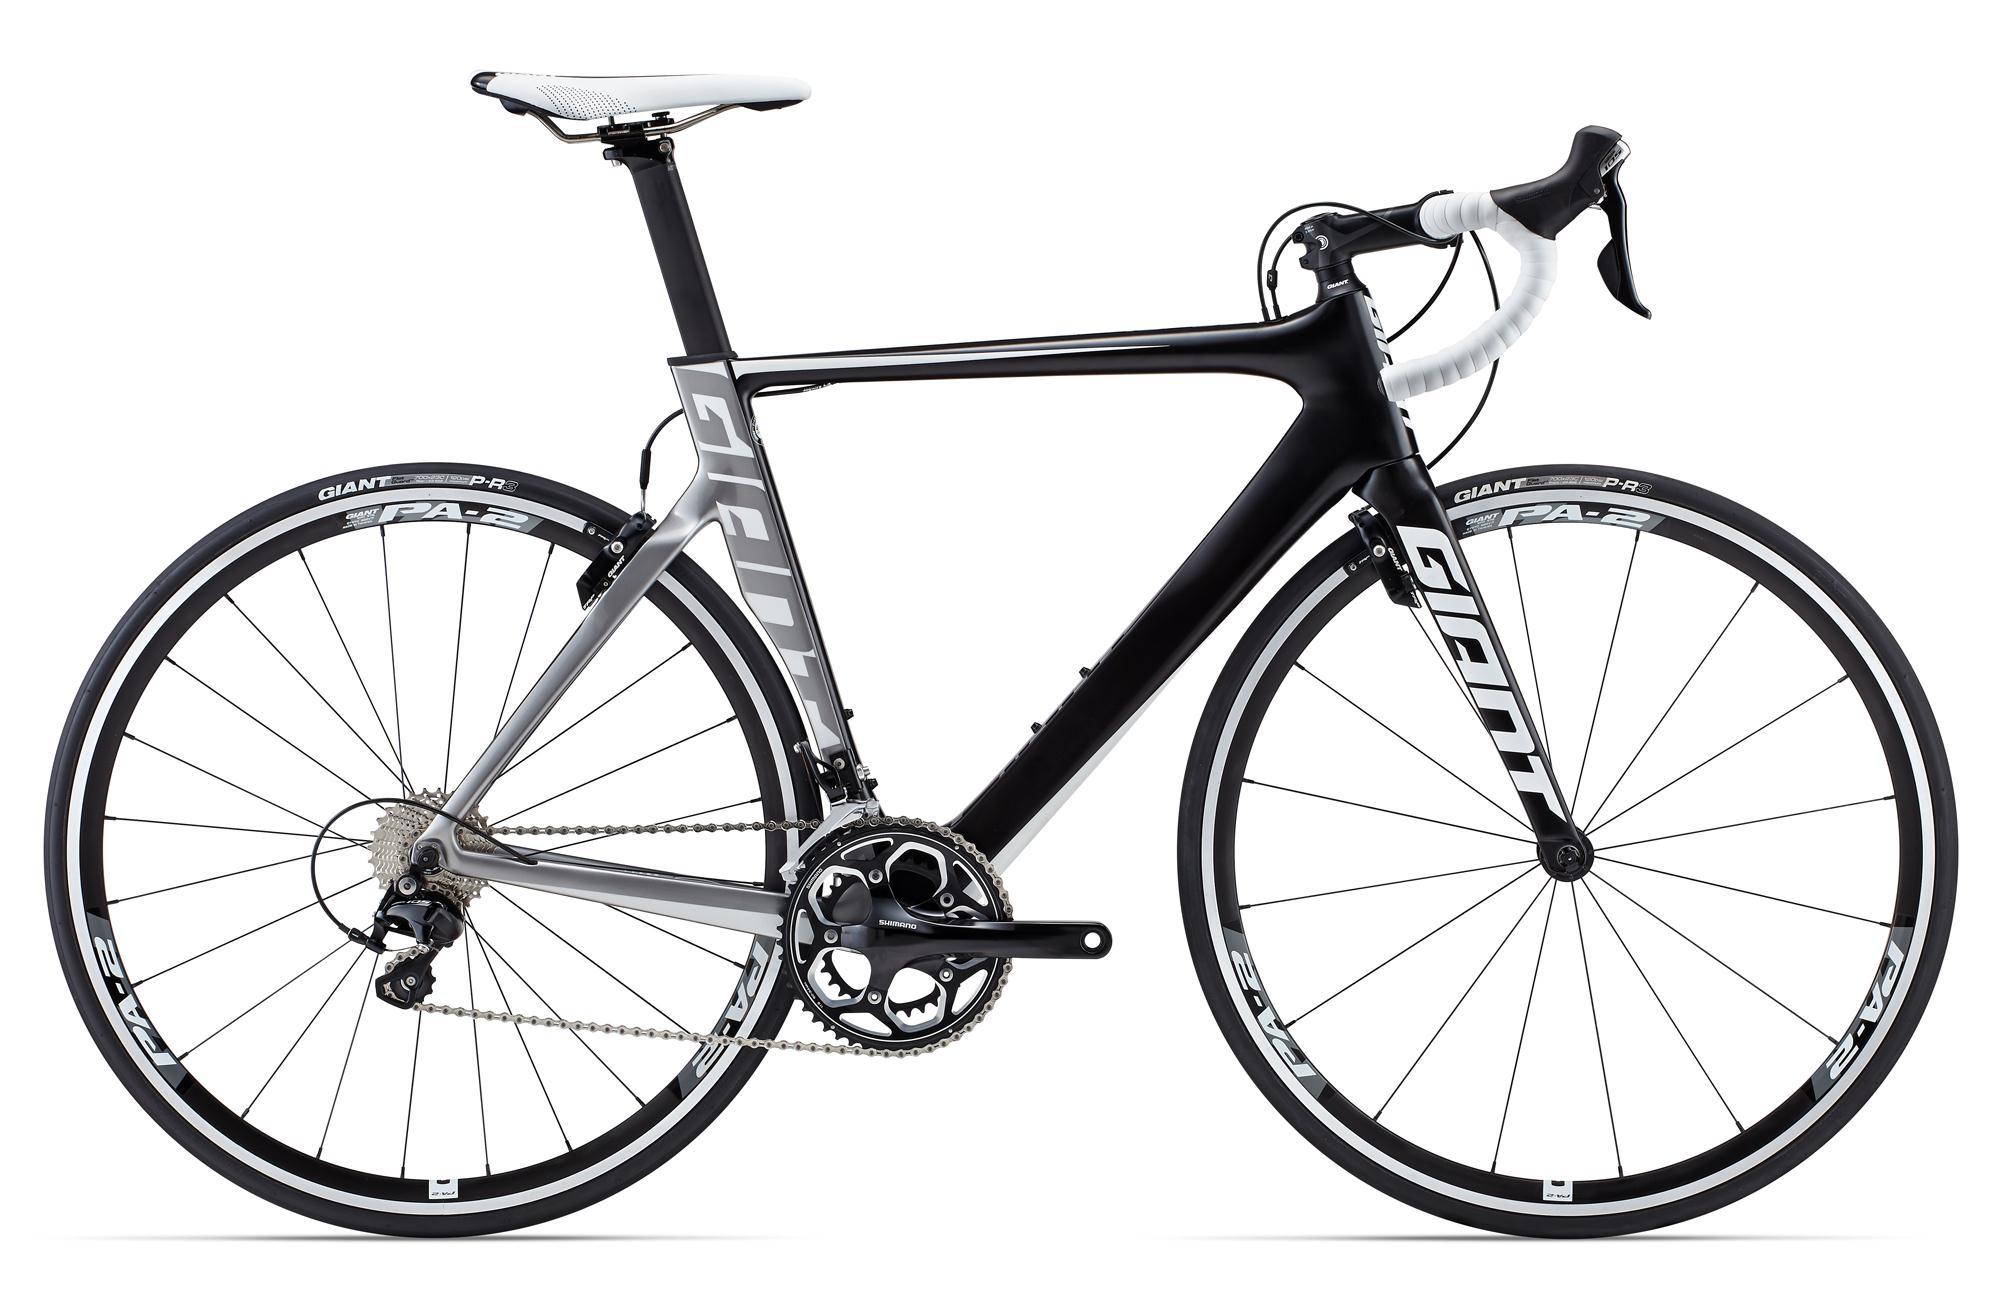 دوچرخه جاینت مدل Giant Propel Advanced 2 2015